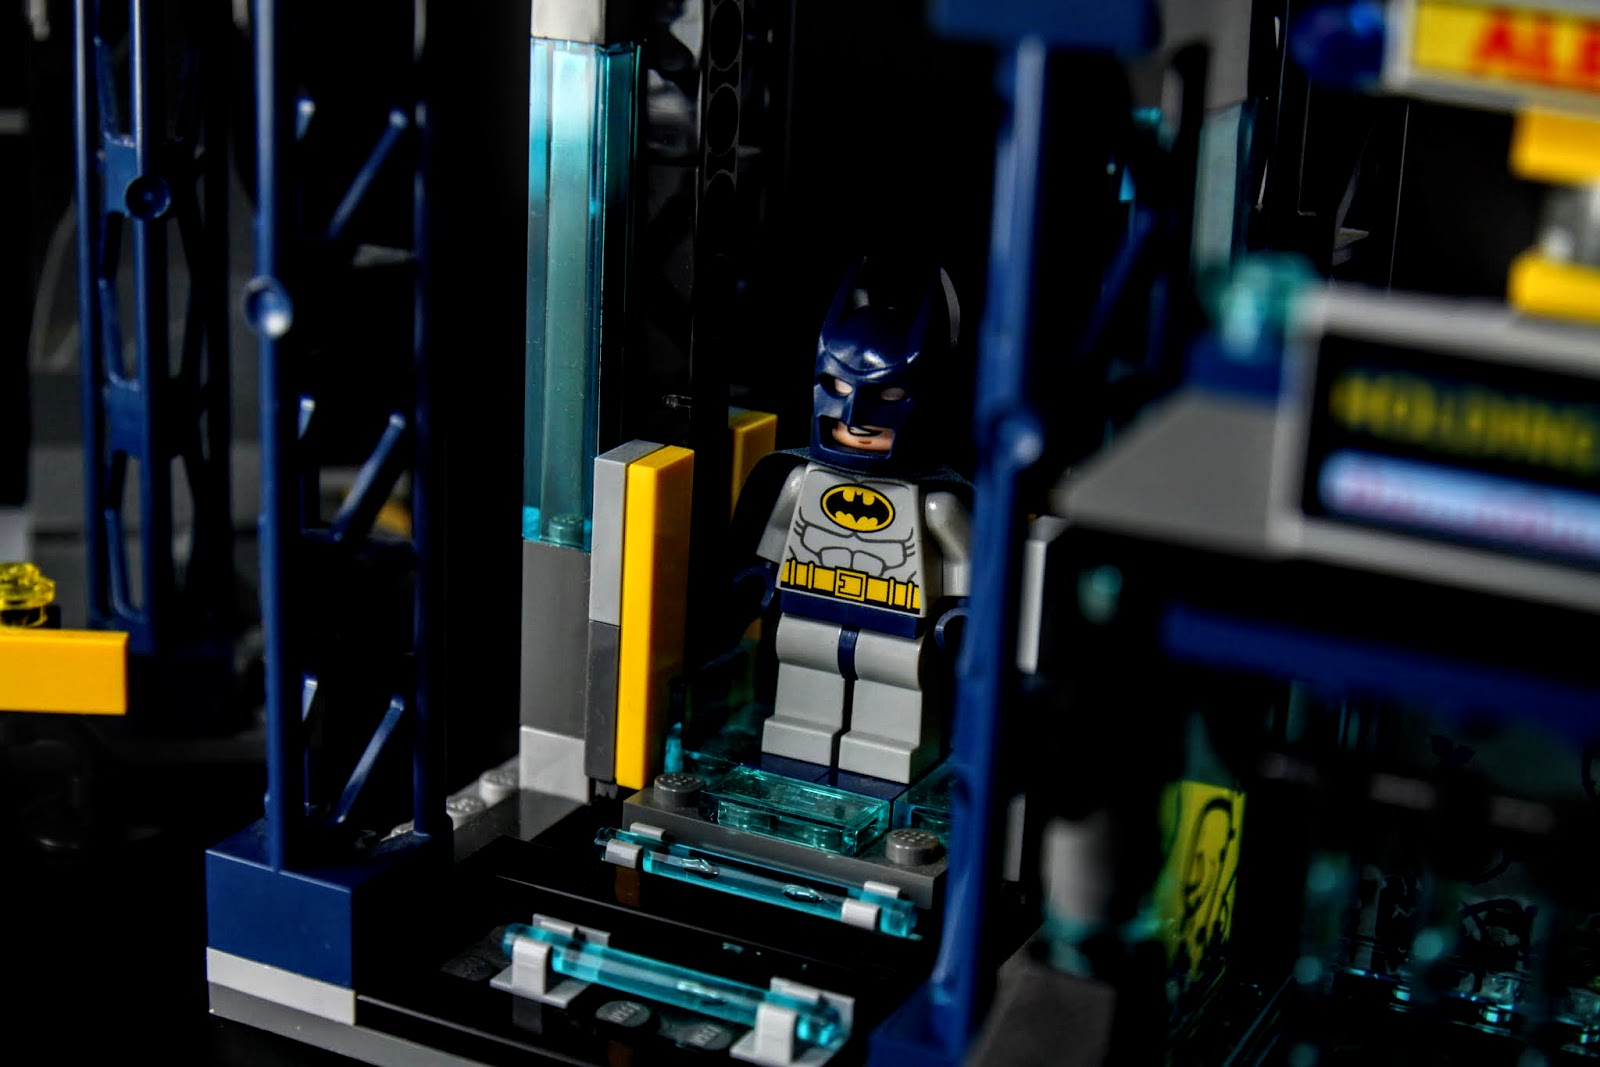 換裝!!!!!!!!!!!!!就是一個小機關,打開後預藏在裡面的蝙蝠俠就會掉出來